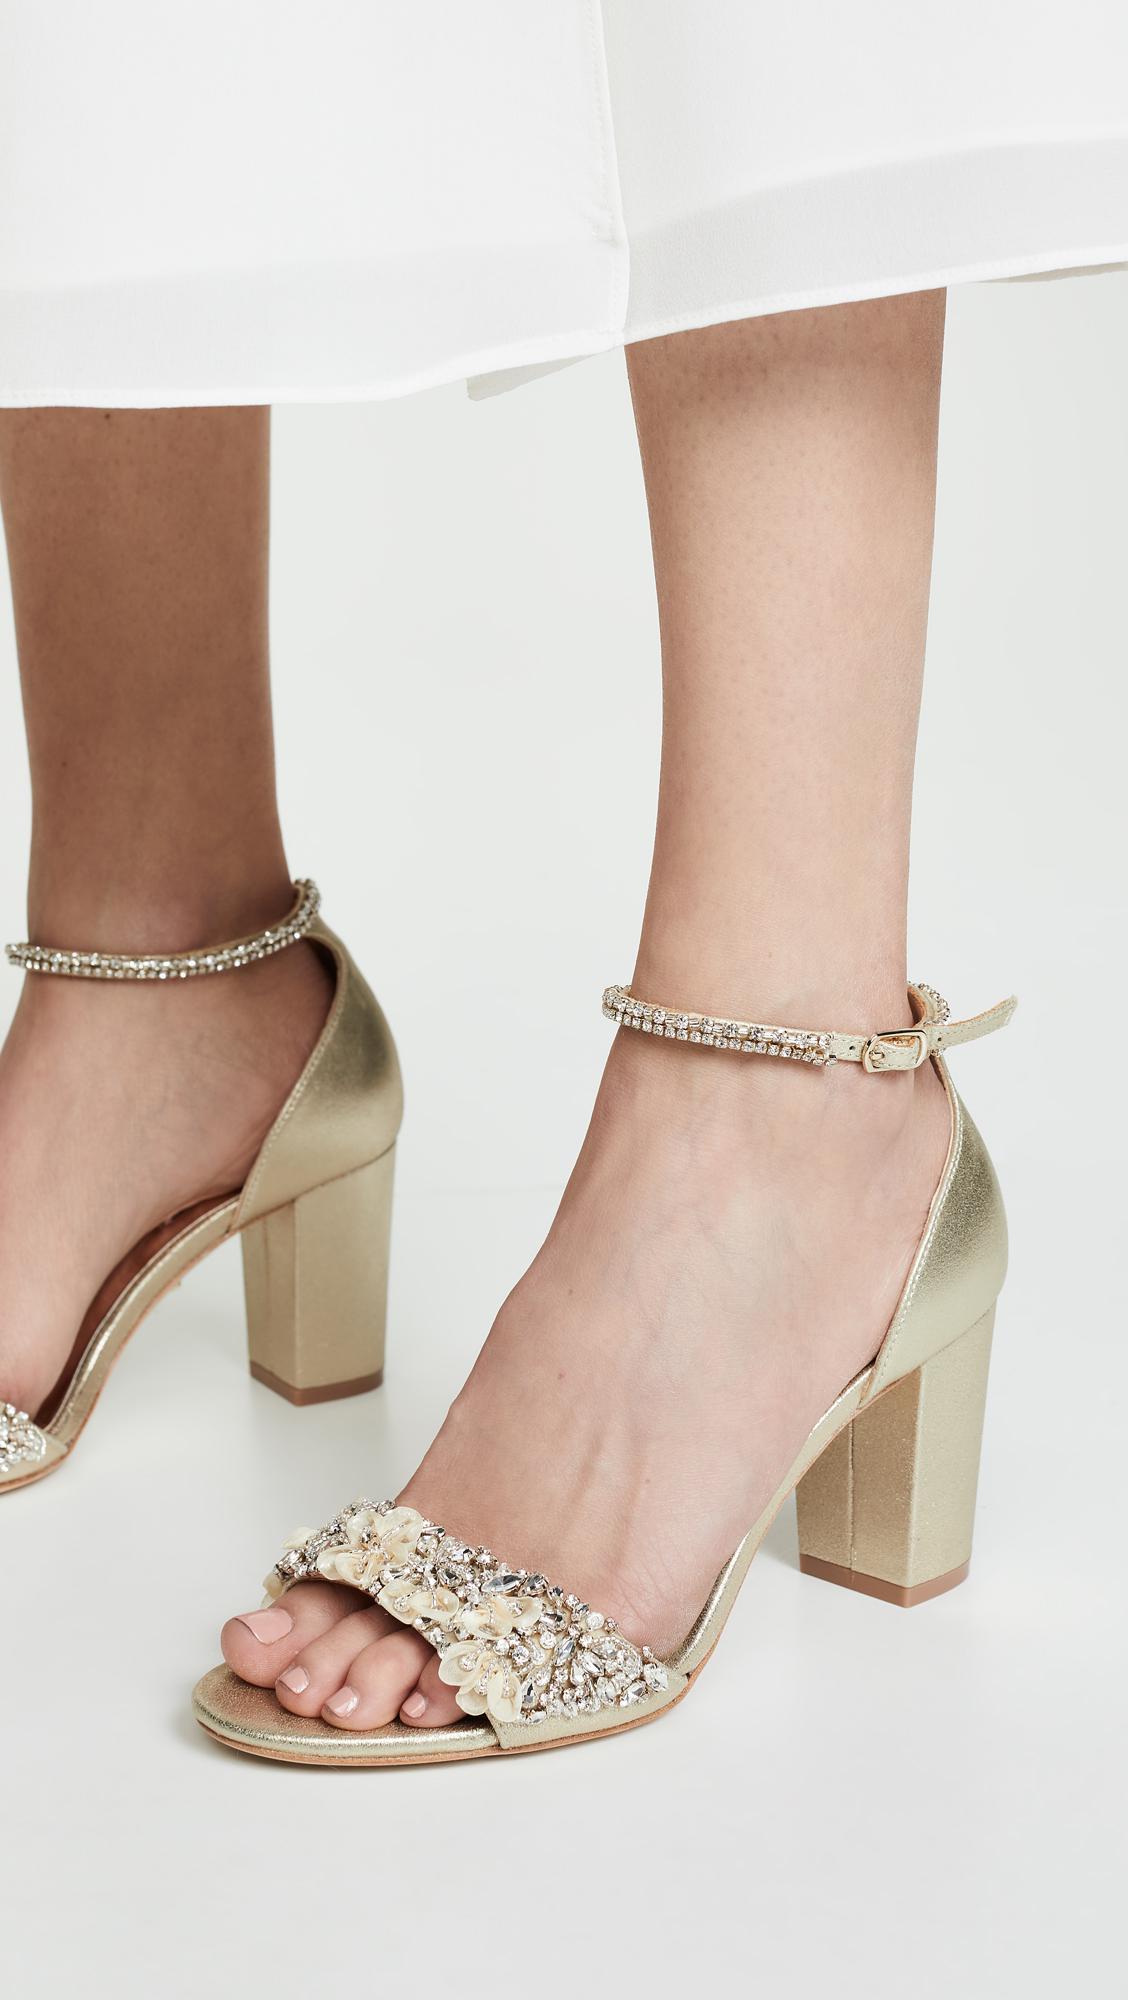 634c4404fd8 Badgley Mischka - Multicolor Finesse Ii Block Heel Sandals - Lyst. View  fullscreen